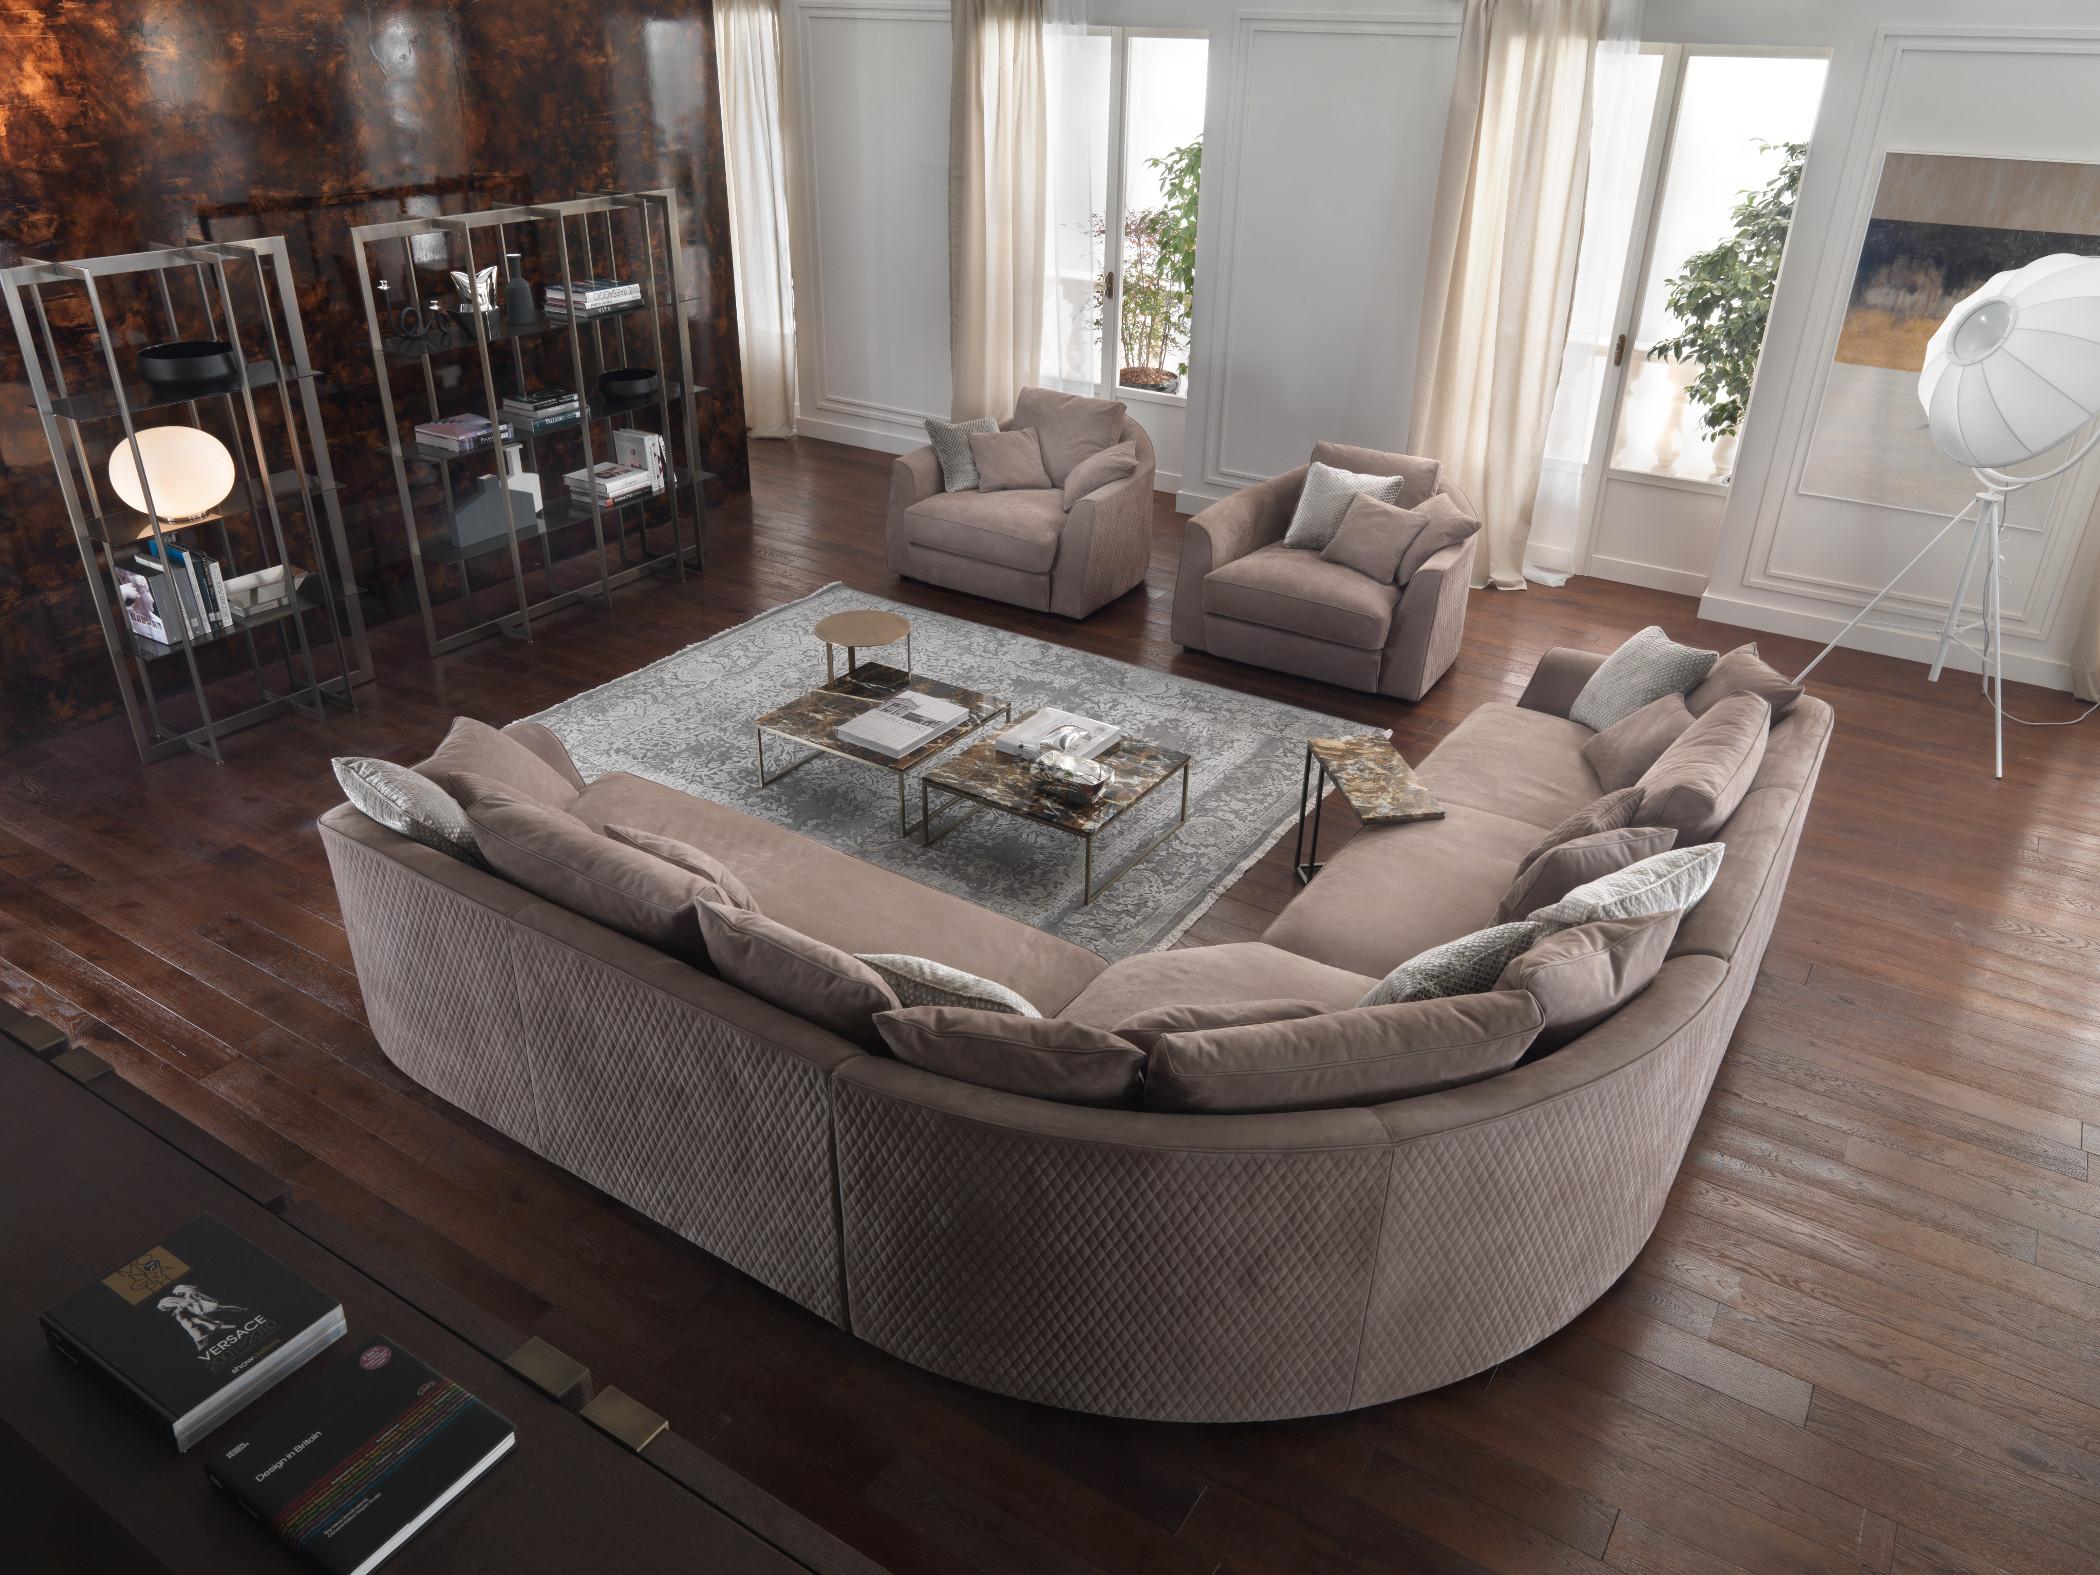 Quilted leather nabuk corner sofa Roger, Roger